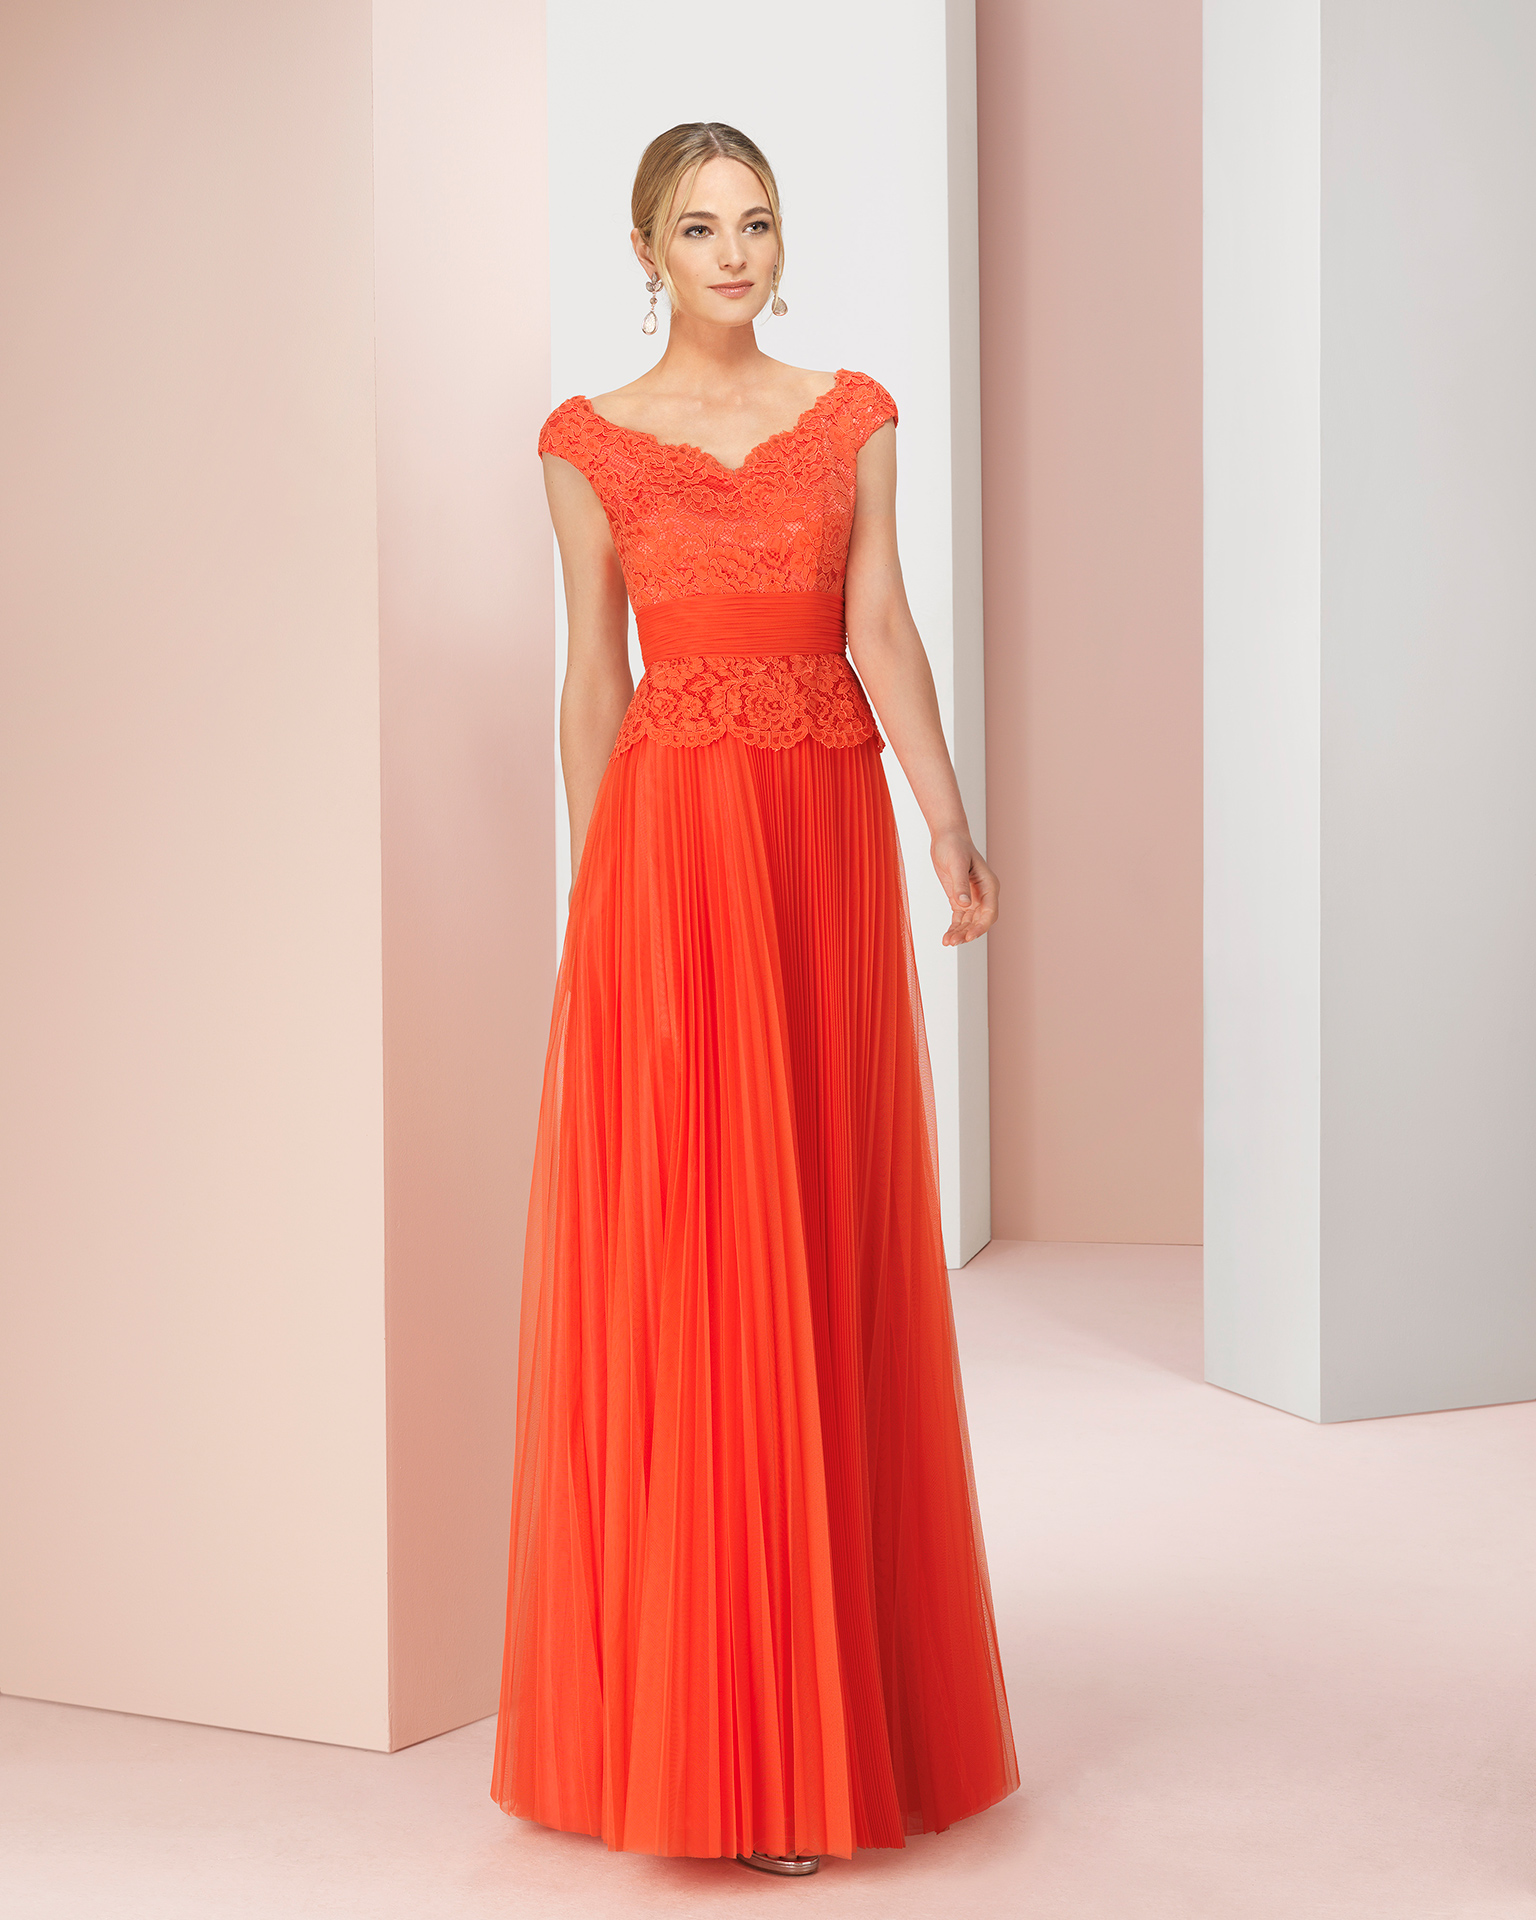 Vestido de fiesta largo de encaje y tul. Disponible en color coral,rojo,verde y cobalto. Colección COUTURE CLUB 2018.